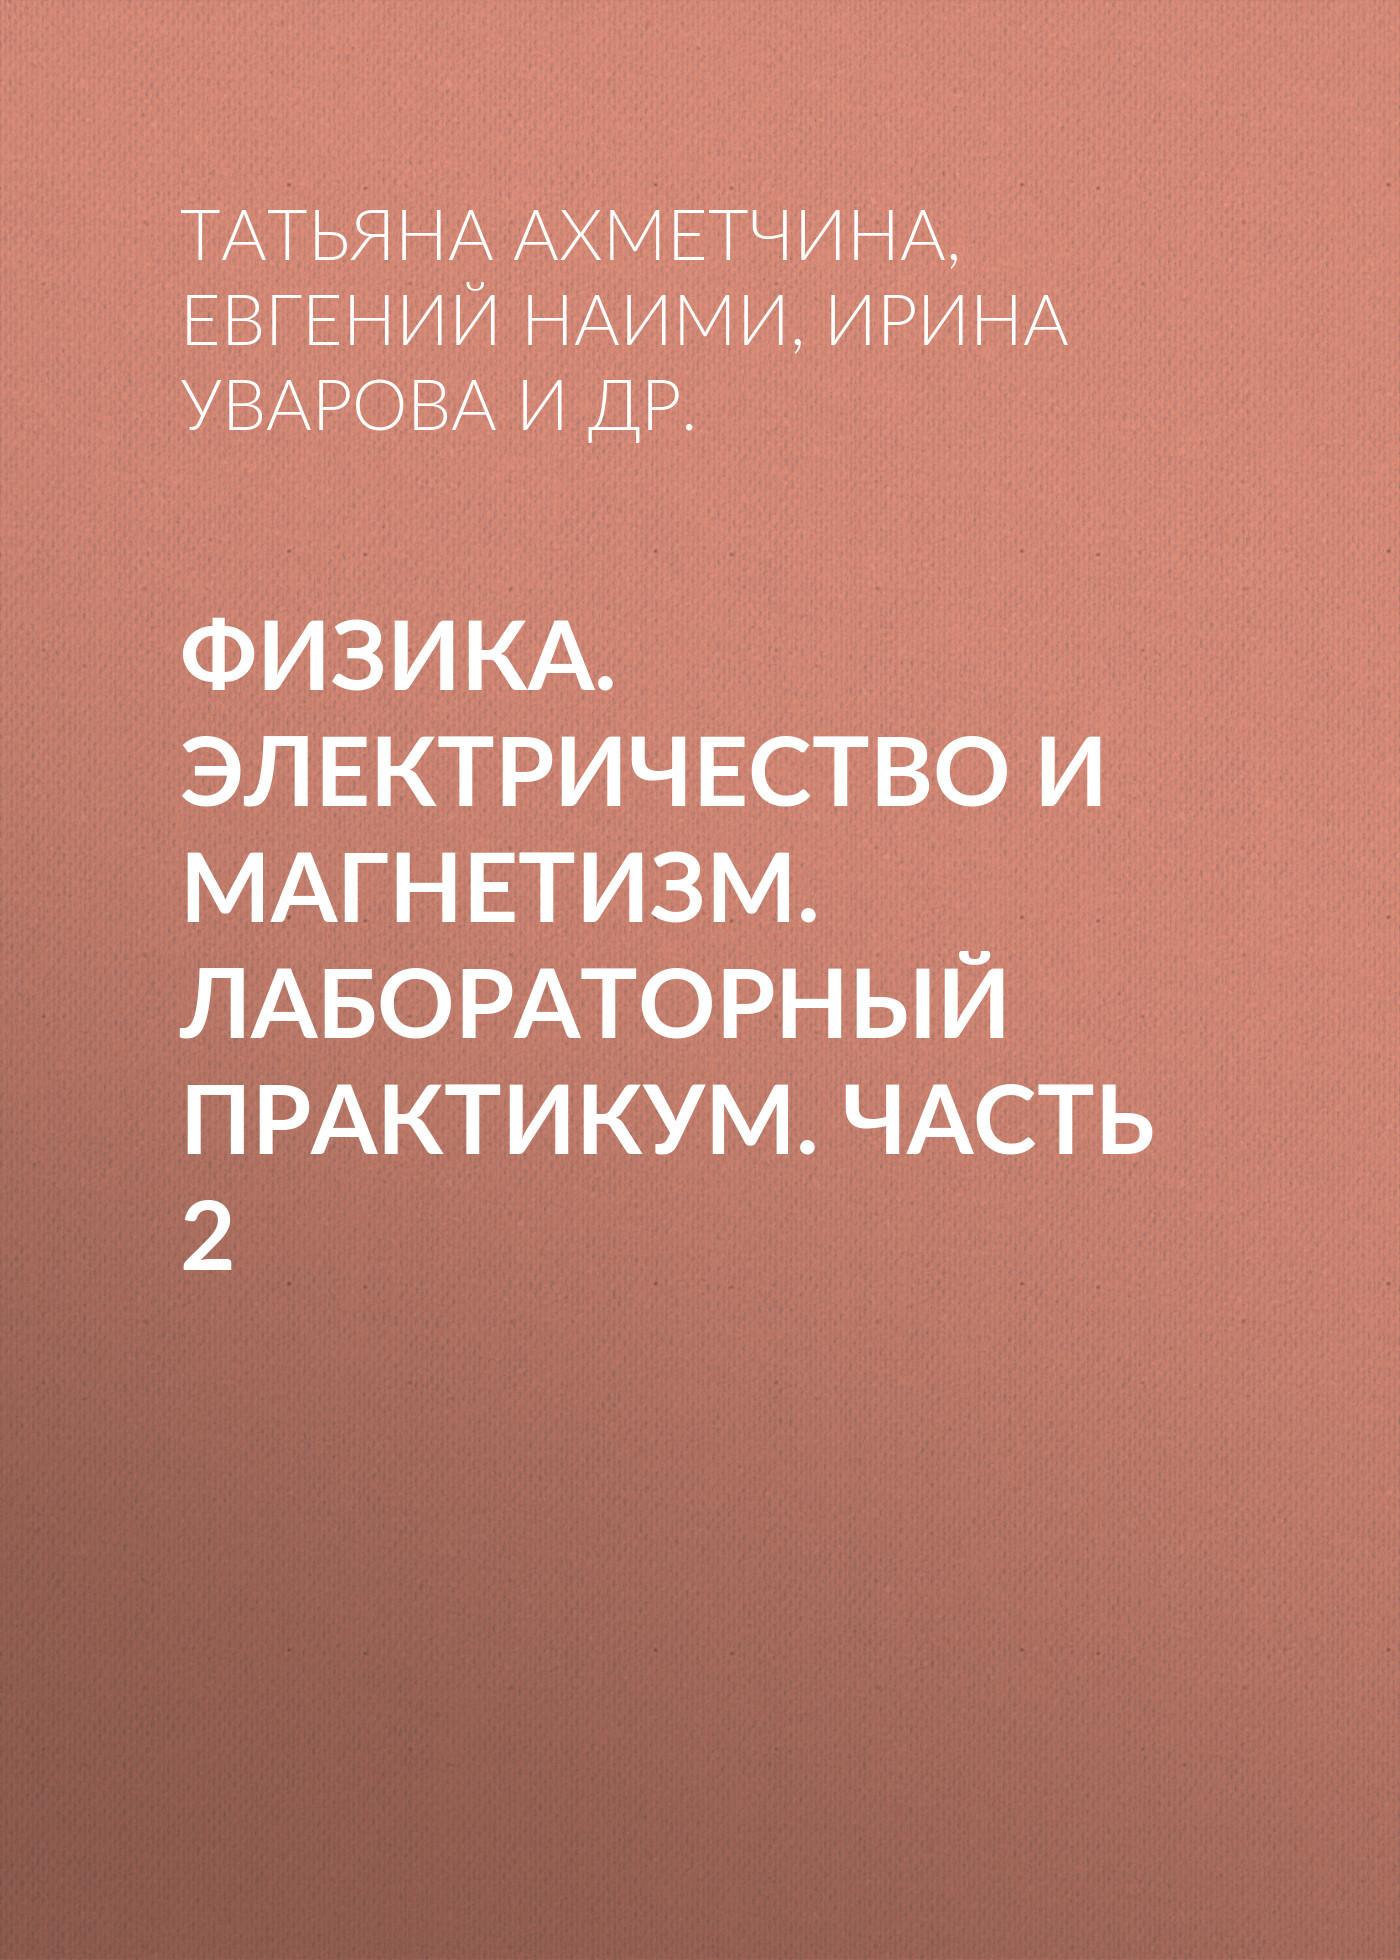 Евгений Наими. Физика. Электричество и магнетизм. Лабораторный практикум. Часть 2